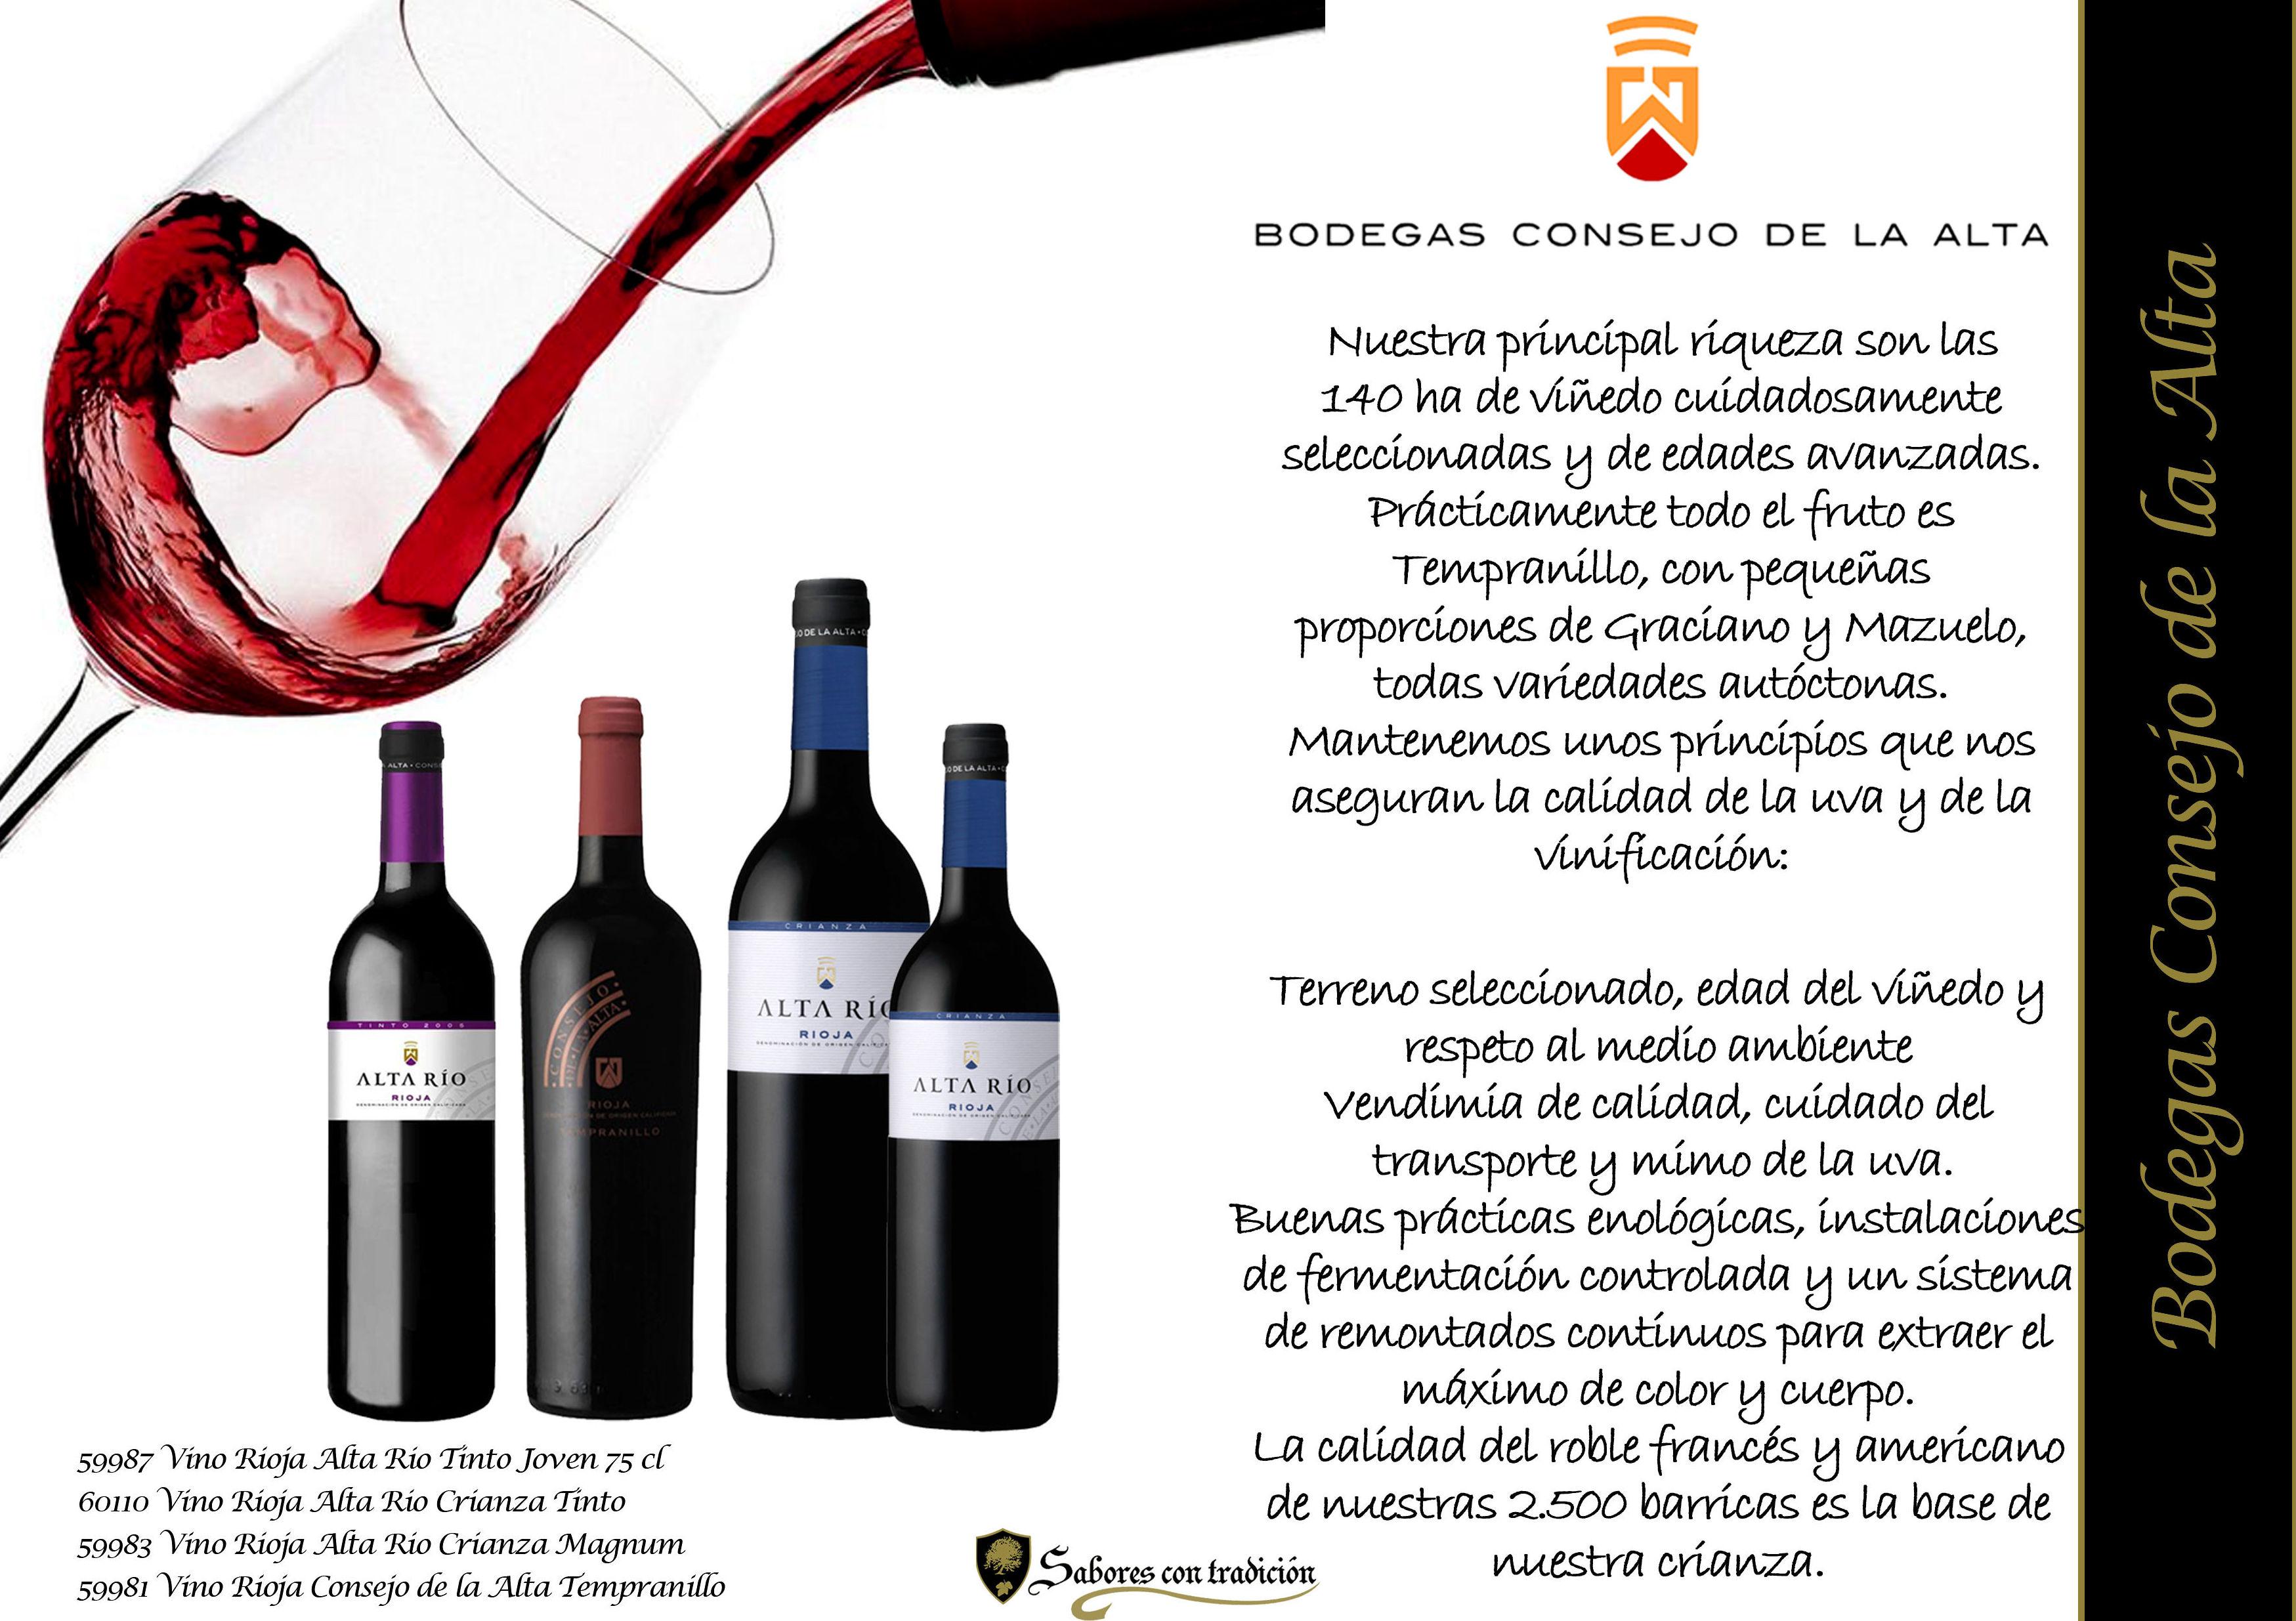 """Vinos """" Bodegas Consejo de la Alta """": Productos de Sabores con tradición"""